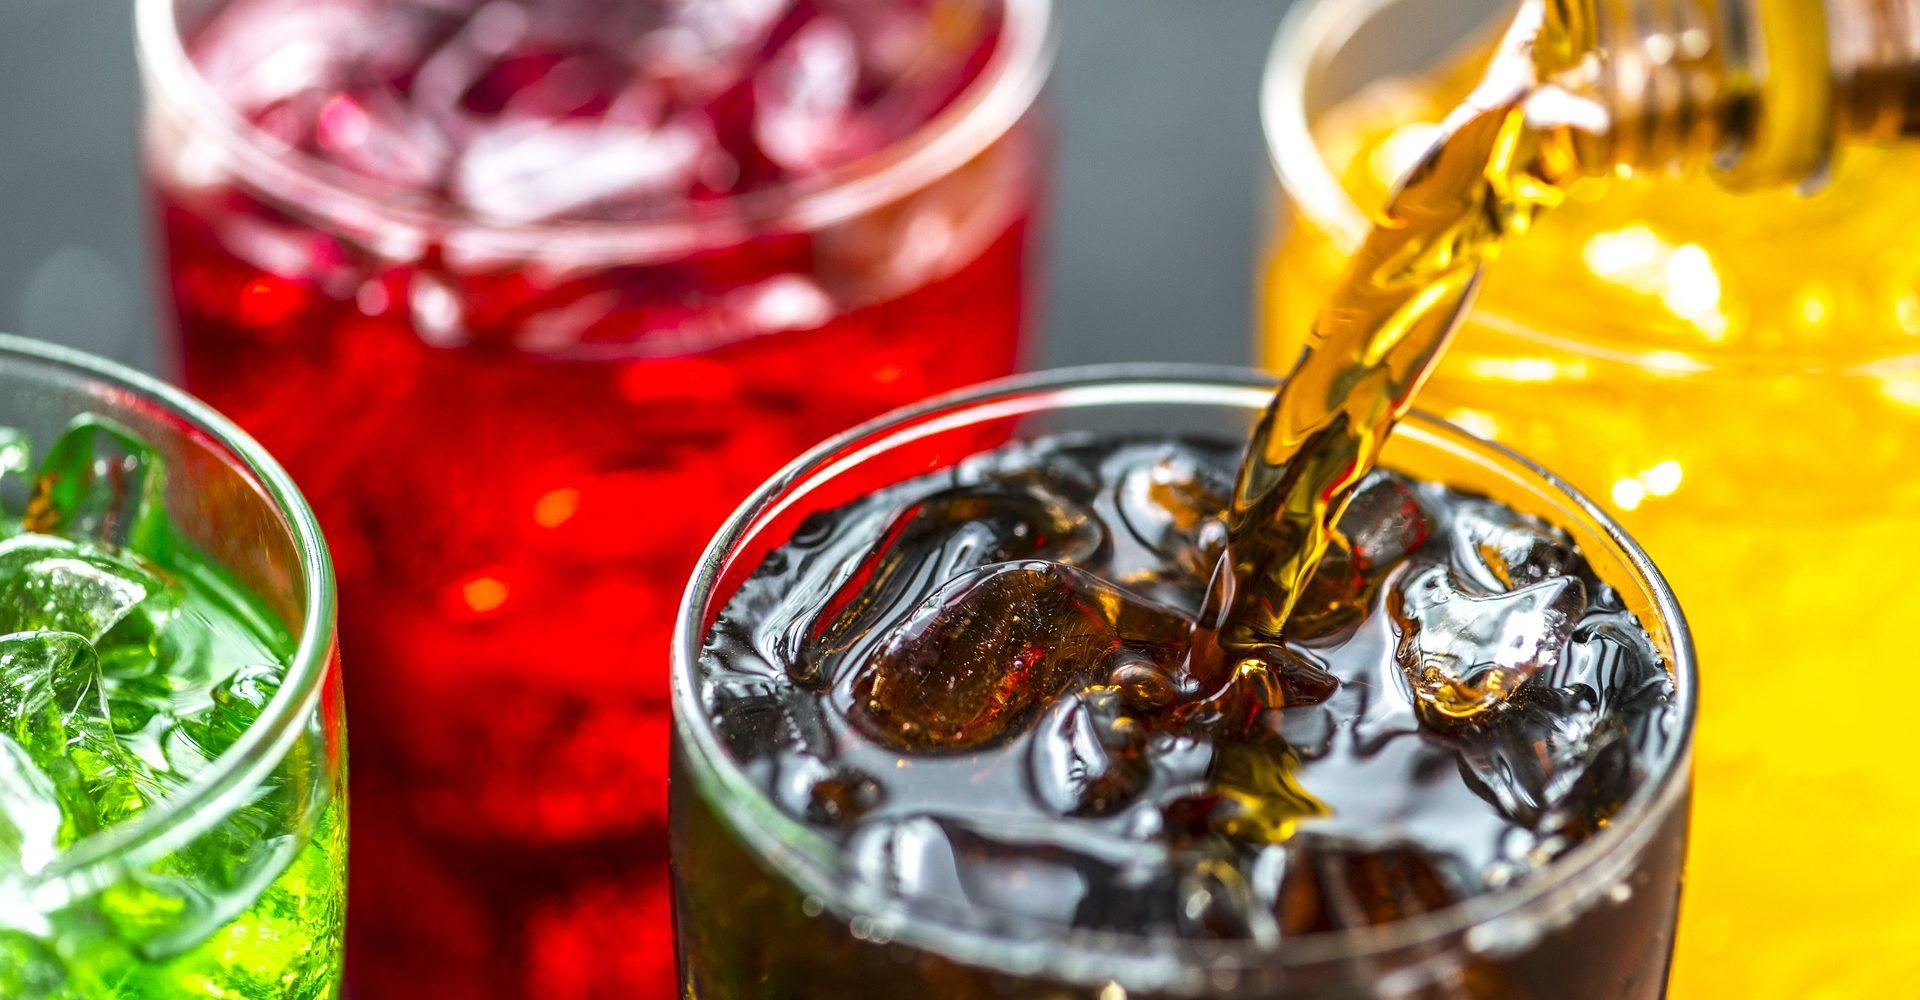 Impuestos sobre bebidas azucaradas reducen consumo, según una revisión |  University of Otago - ND